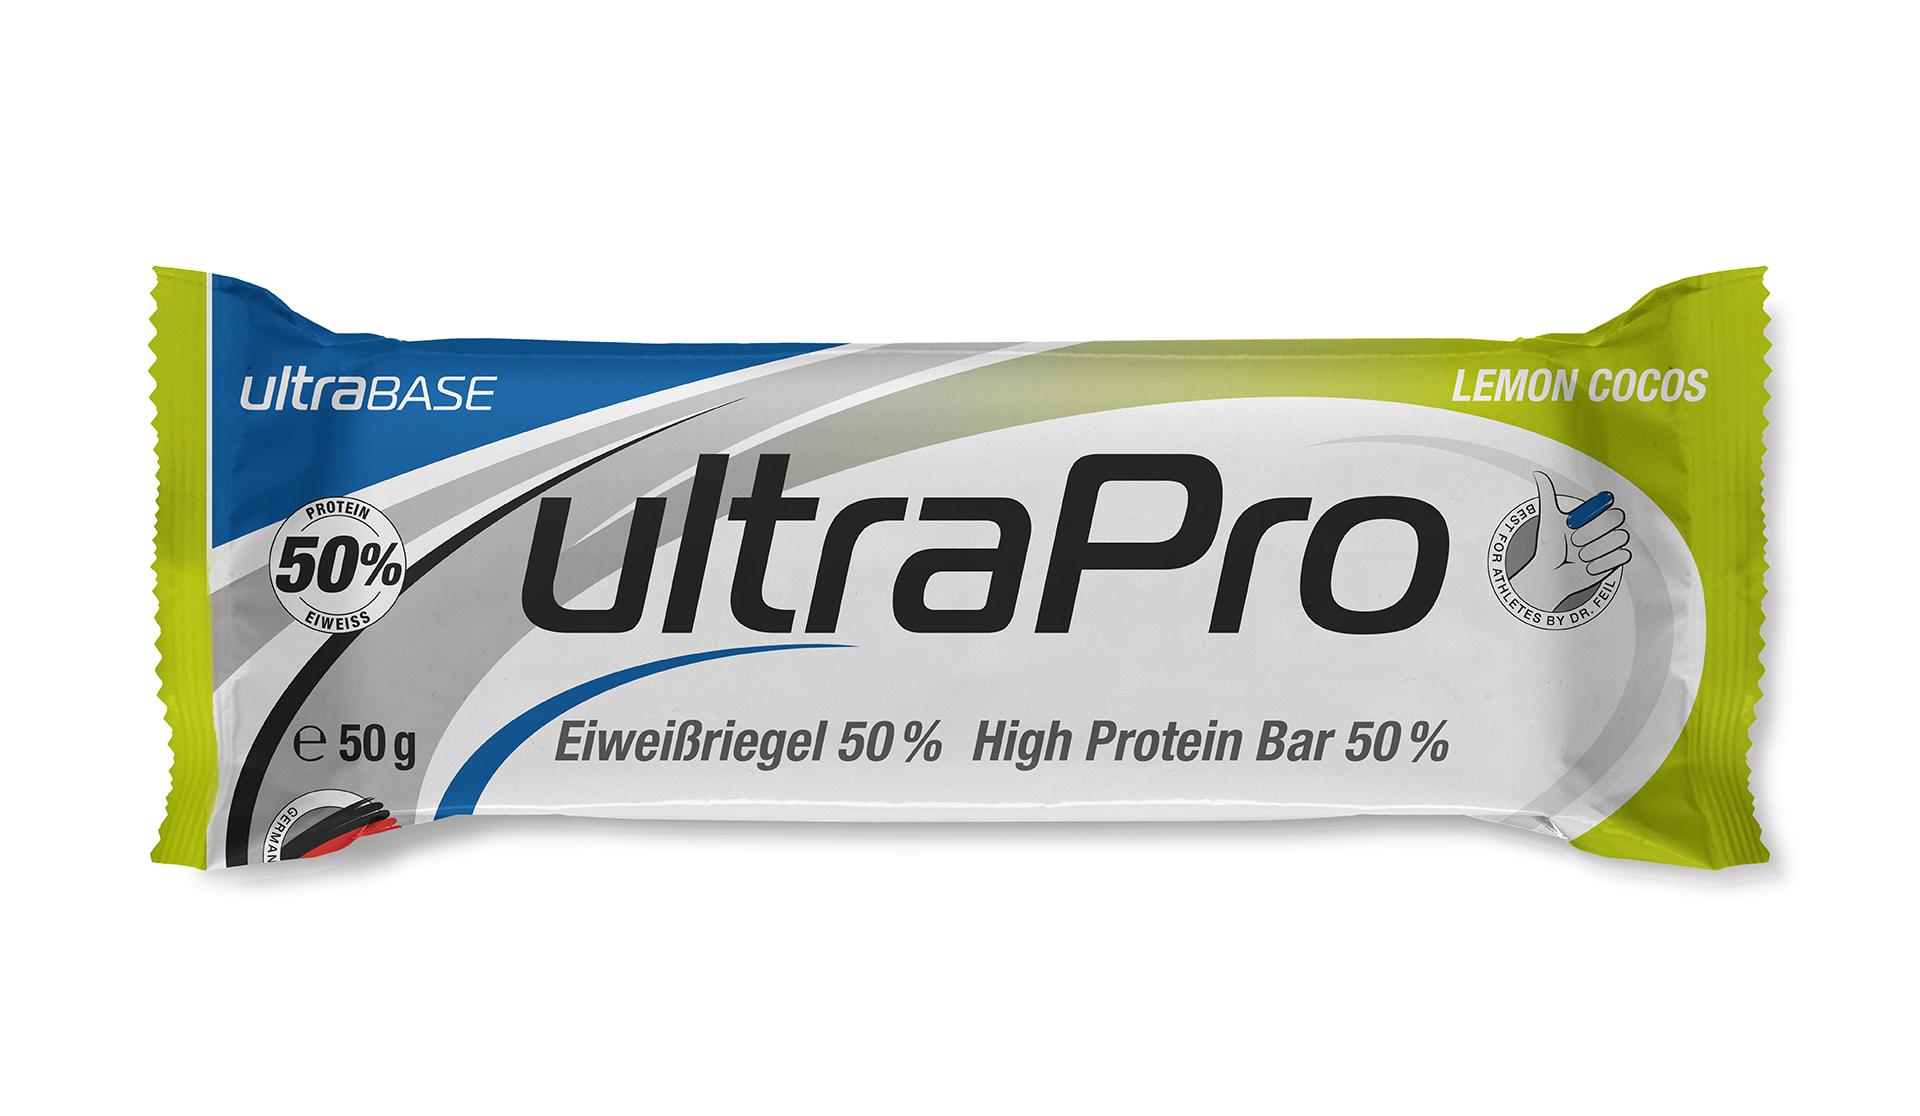 Ultra Sports 20 x ultraSPORTS ultraPro - ultraBar - Eiweißriegel - lemon cocos pro20